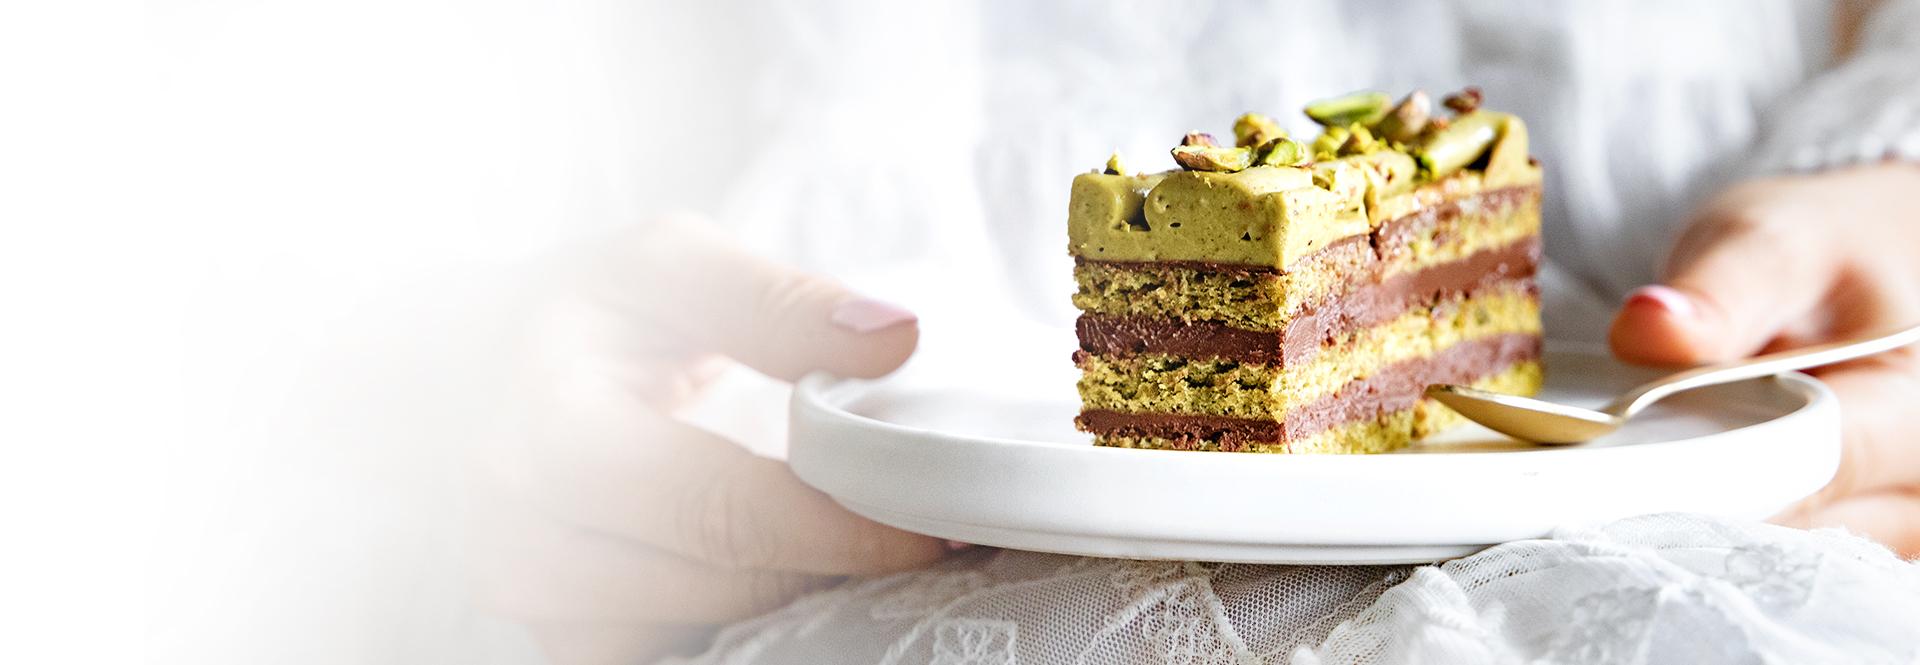 Ciasto z pistacjami i czekoladą